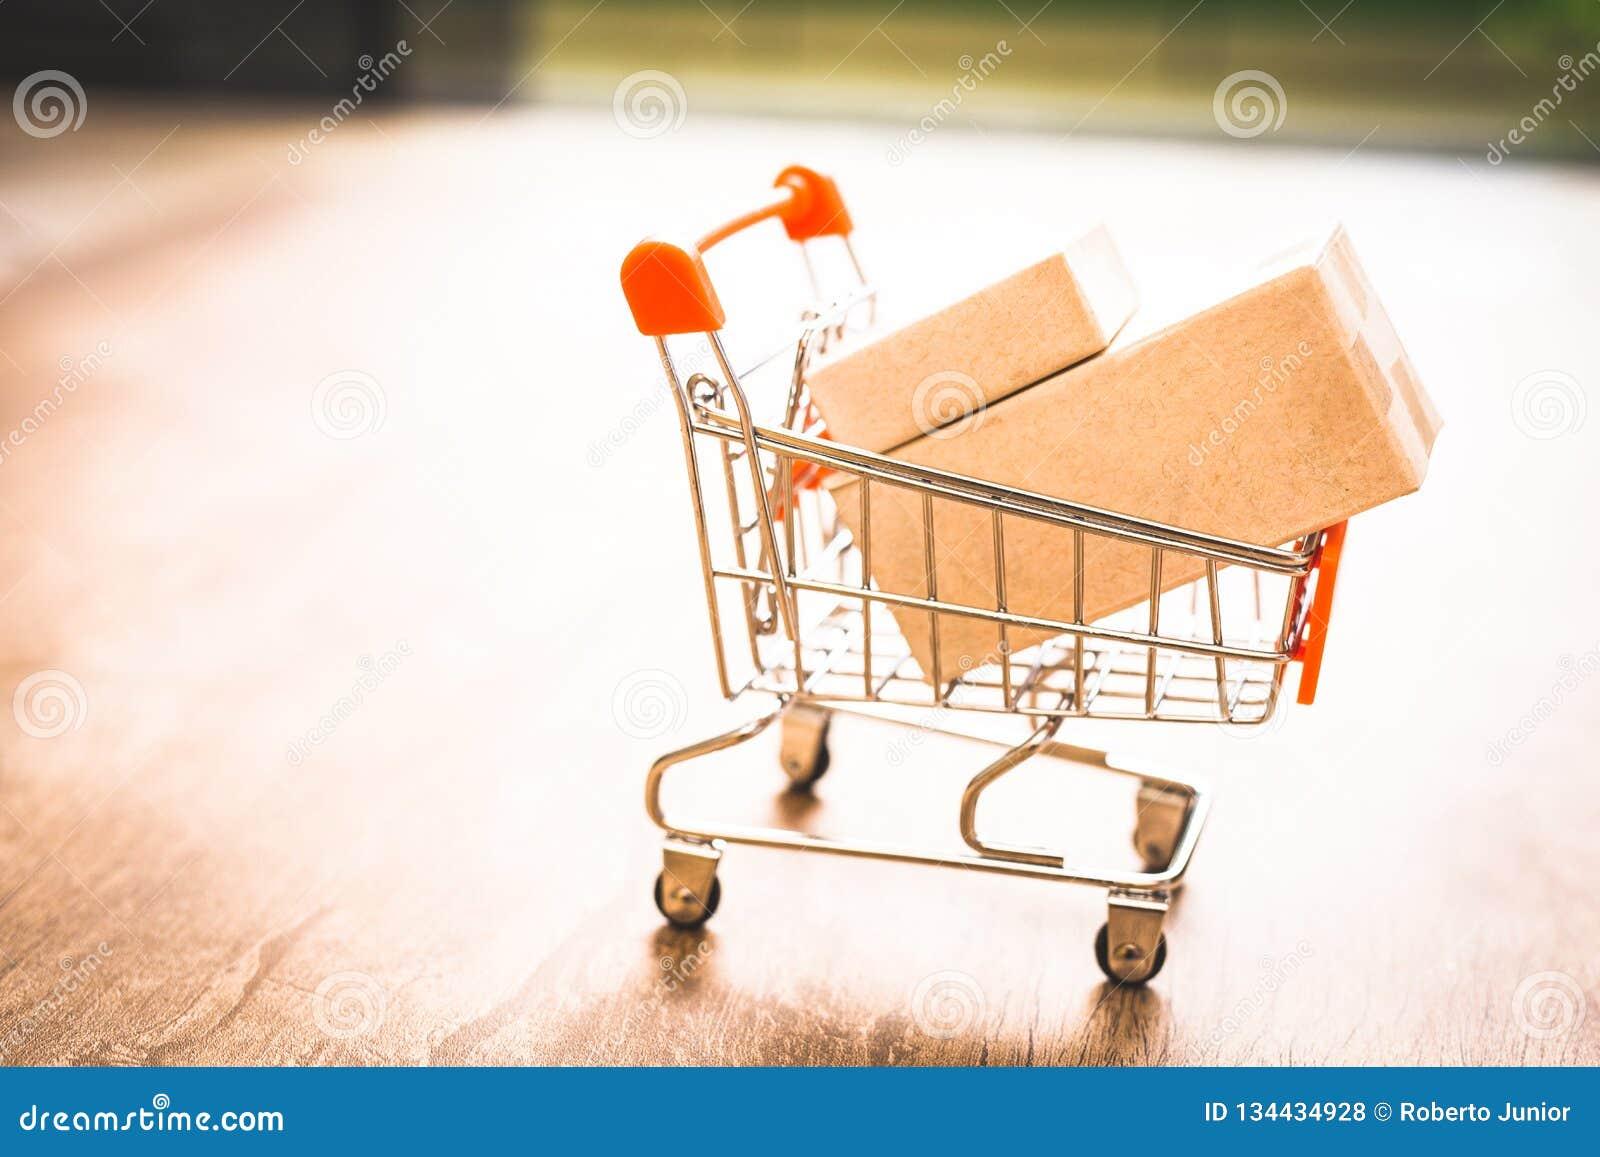 Покупающ и продающ онлайн, идея о цифровой коммерции